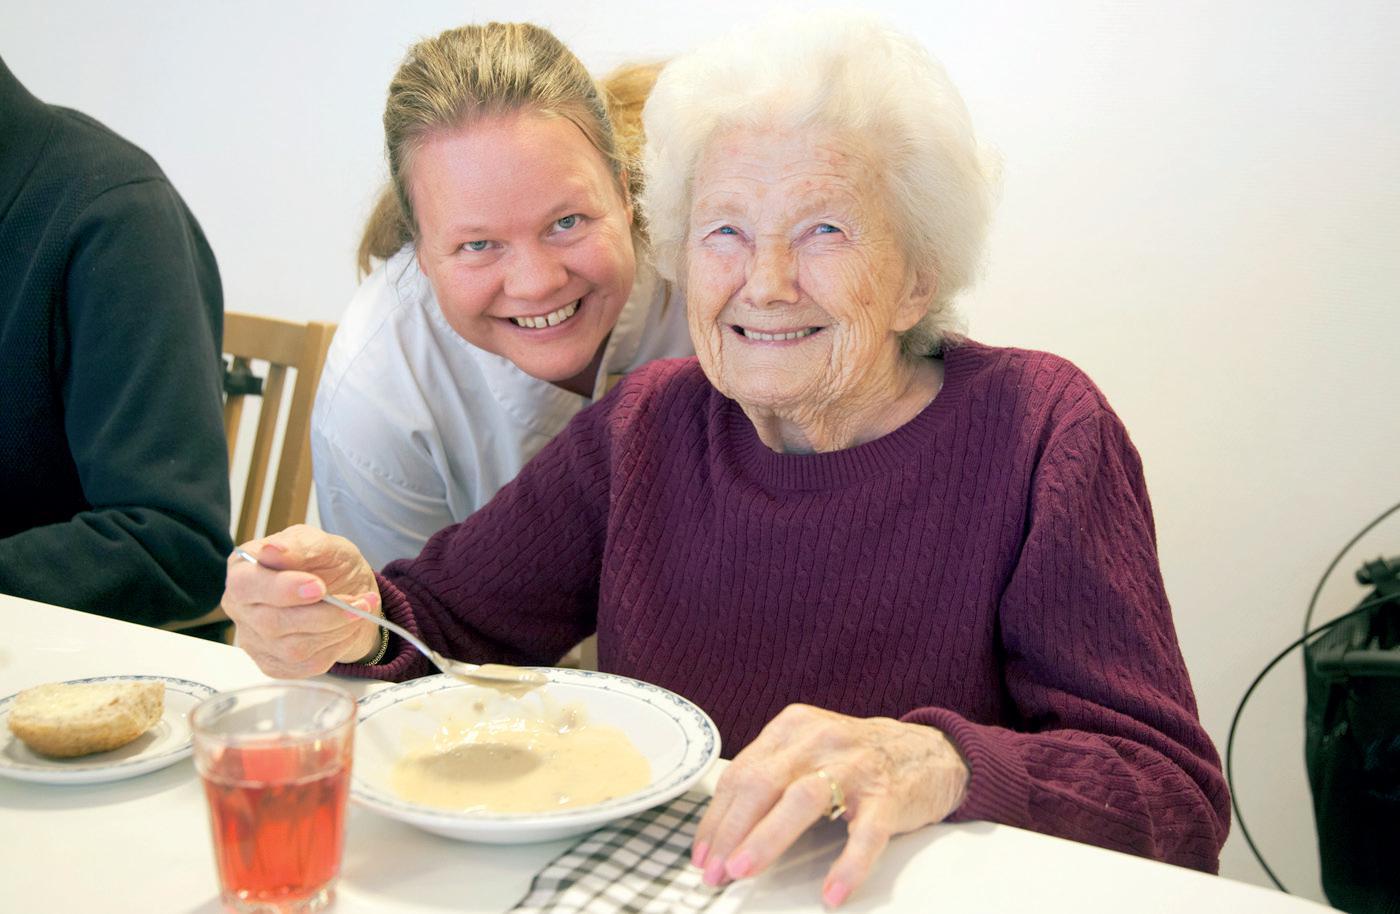 Kjøkkensjef Siw Martinsen og Ragnhild Lundmo på Vestby sykehjem. poserer. Sitter å smiler med en tallerken suppe og en skje i hånden.